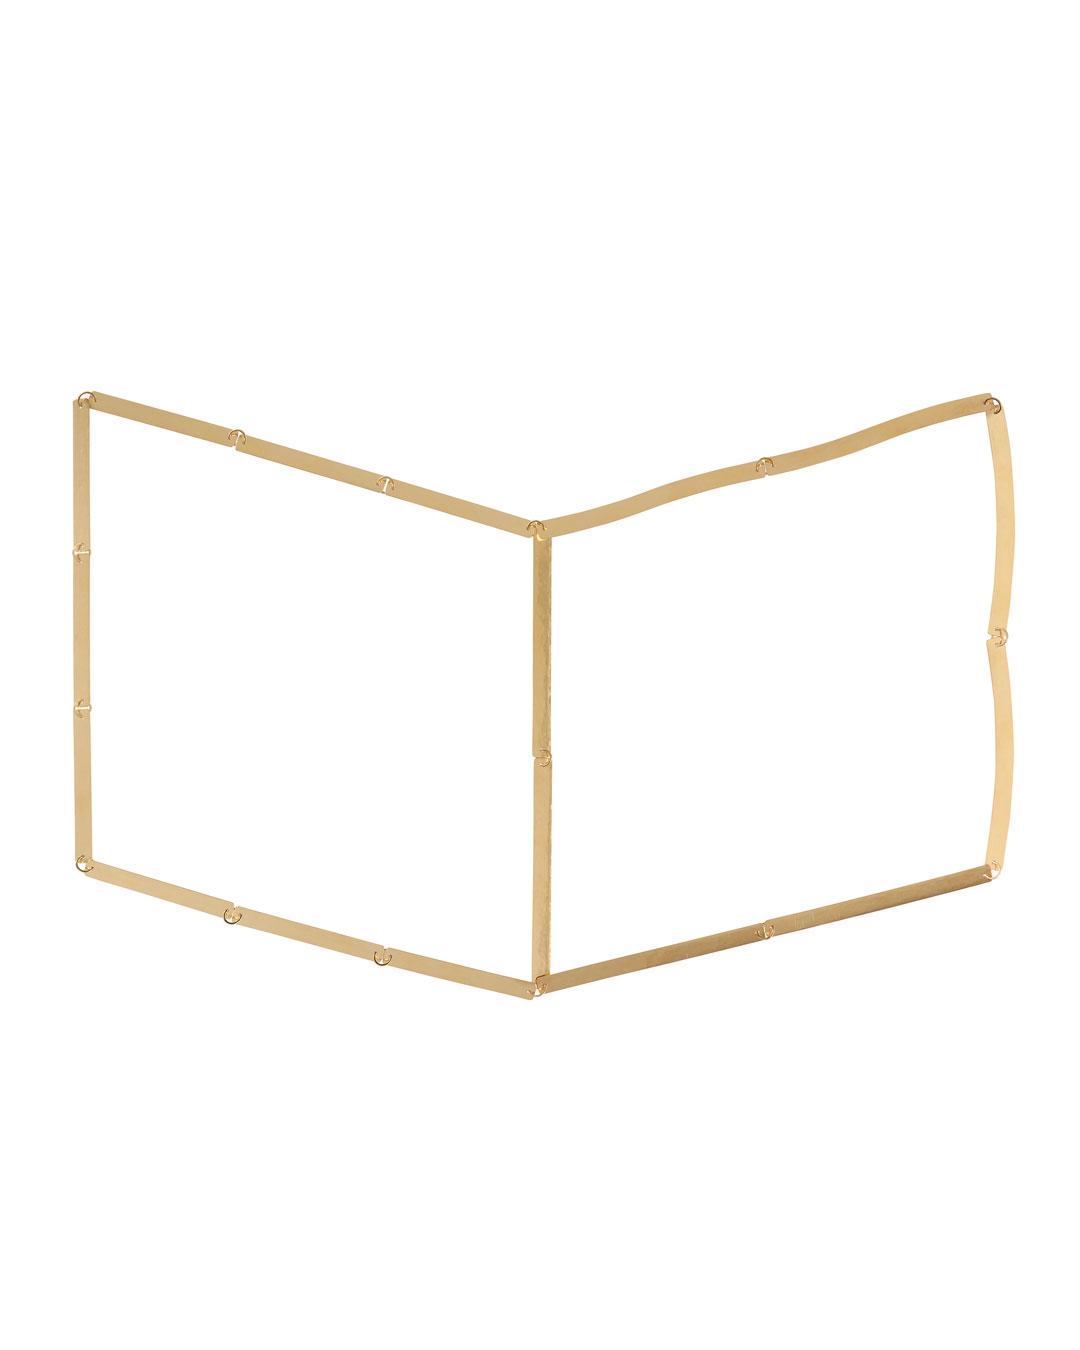 Annelies Planteijdt, Mooie stad – Collier en boek (Beautiful City, 2017, halssieraad; goud, 360 x 240 mm, prijs op aanvraag (afbeelding 1/3)